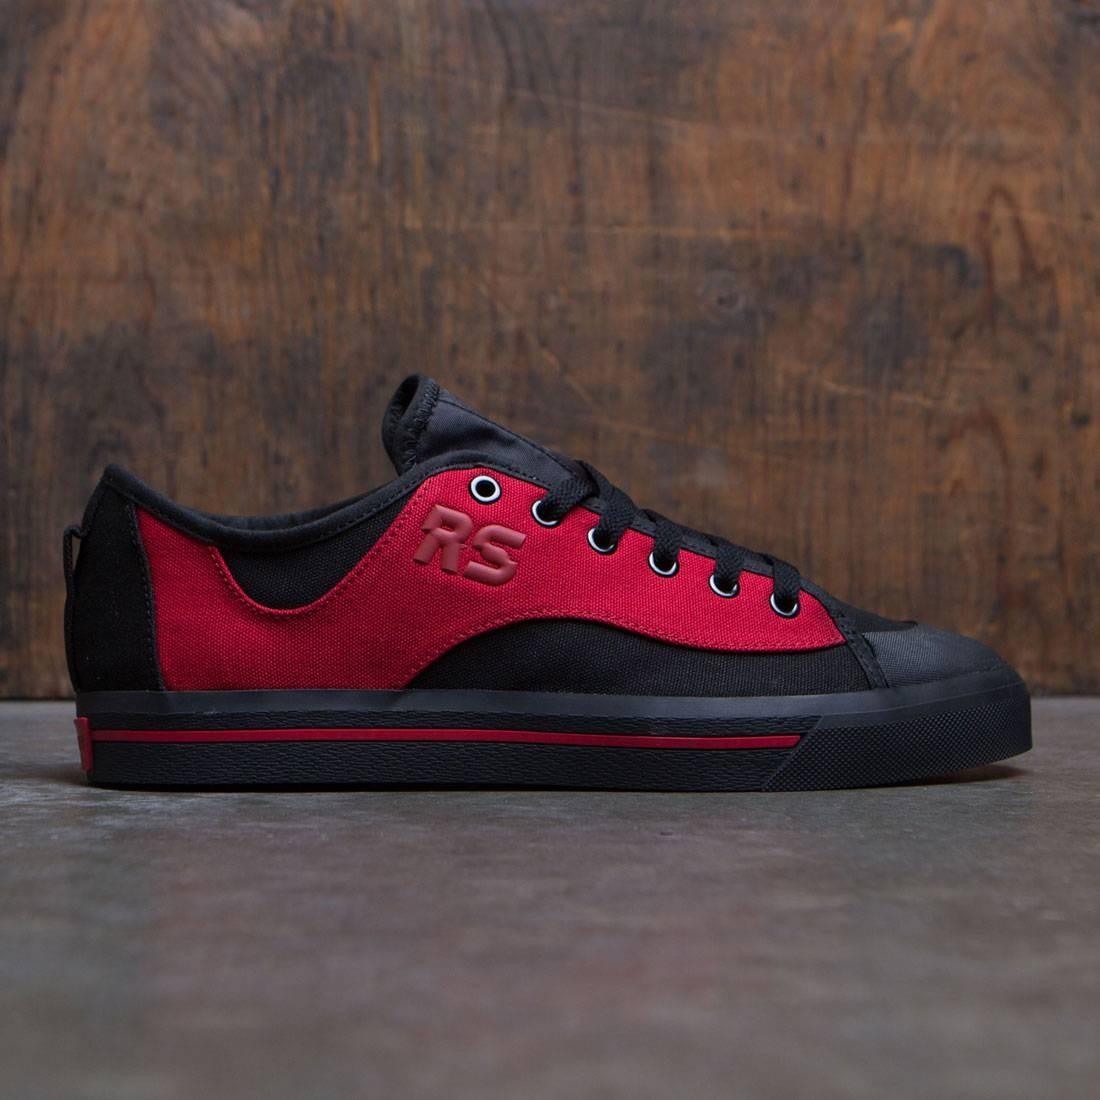 【海外限定】アディダス パワー 赤 レッド コア スニーカー メンズ靴 【 ADIDAS POWER RED X RAF SIMONS MEN SPIRIT V BLACK CORE 】